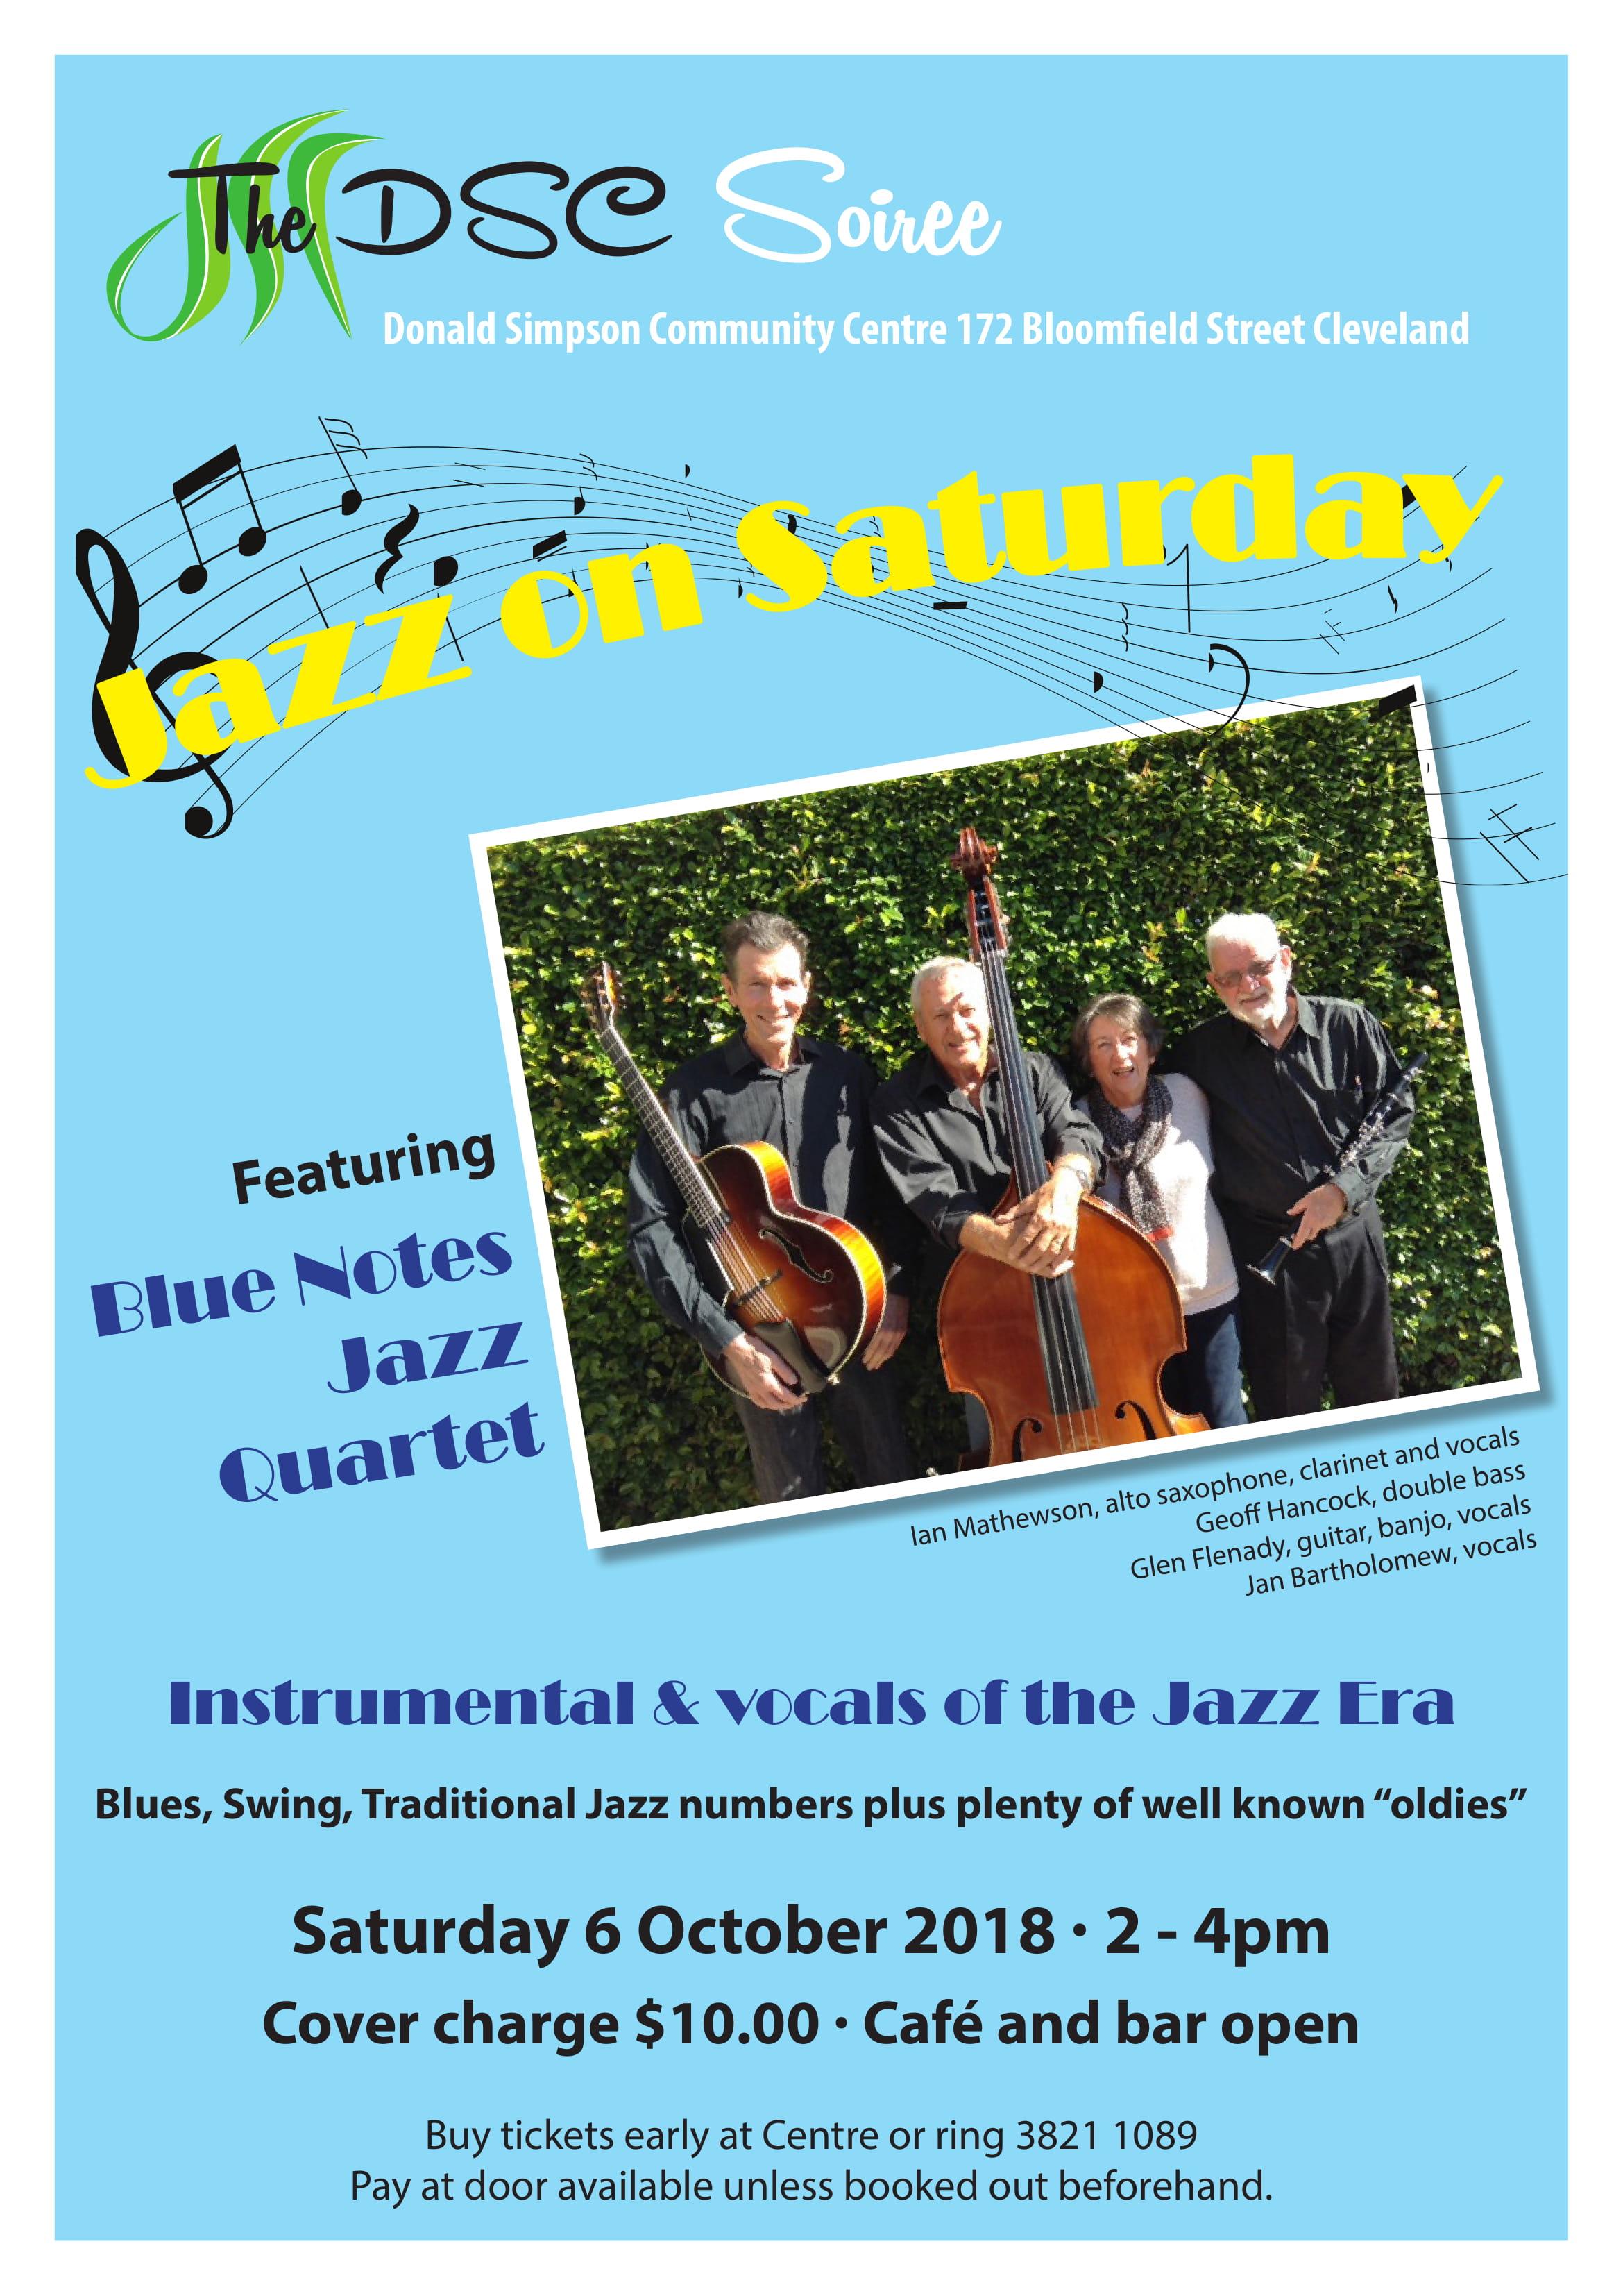 Jazz on Saturday